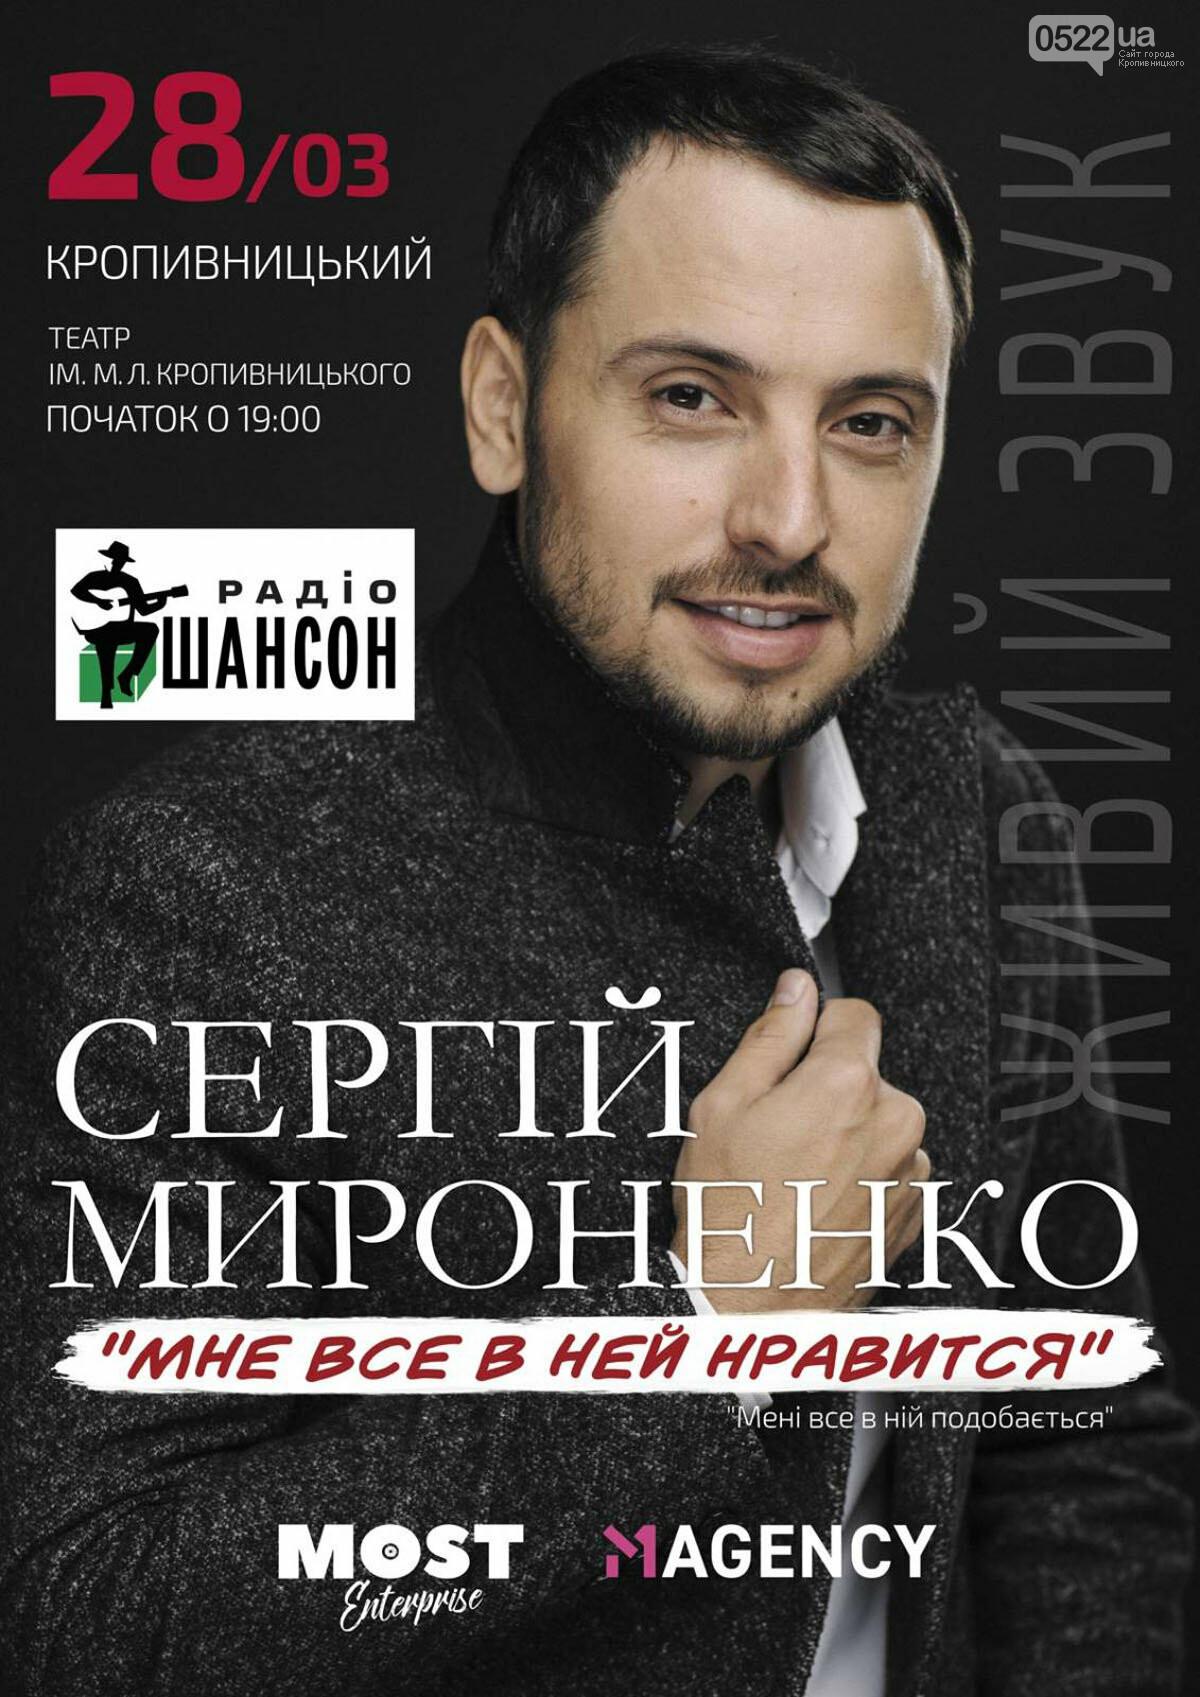 Сергій Мироненко відправляється у перший тур Україною, фото-1